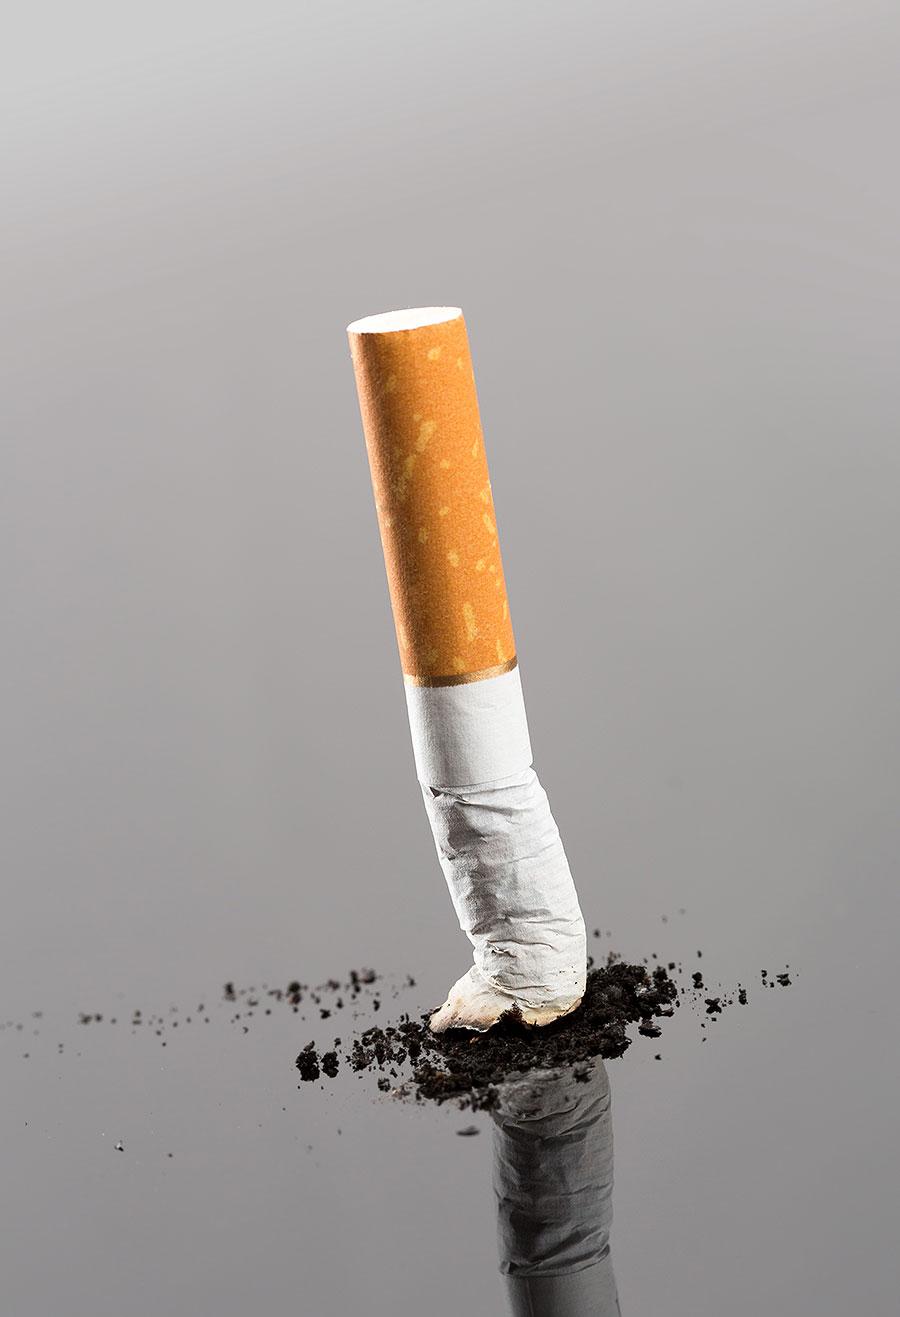 Ausgedämpfte Zigarette